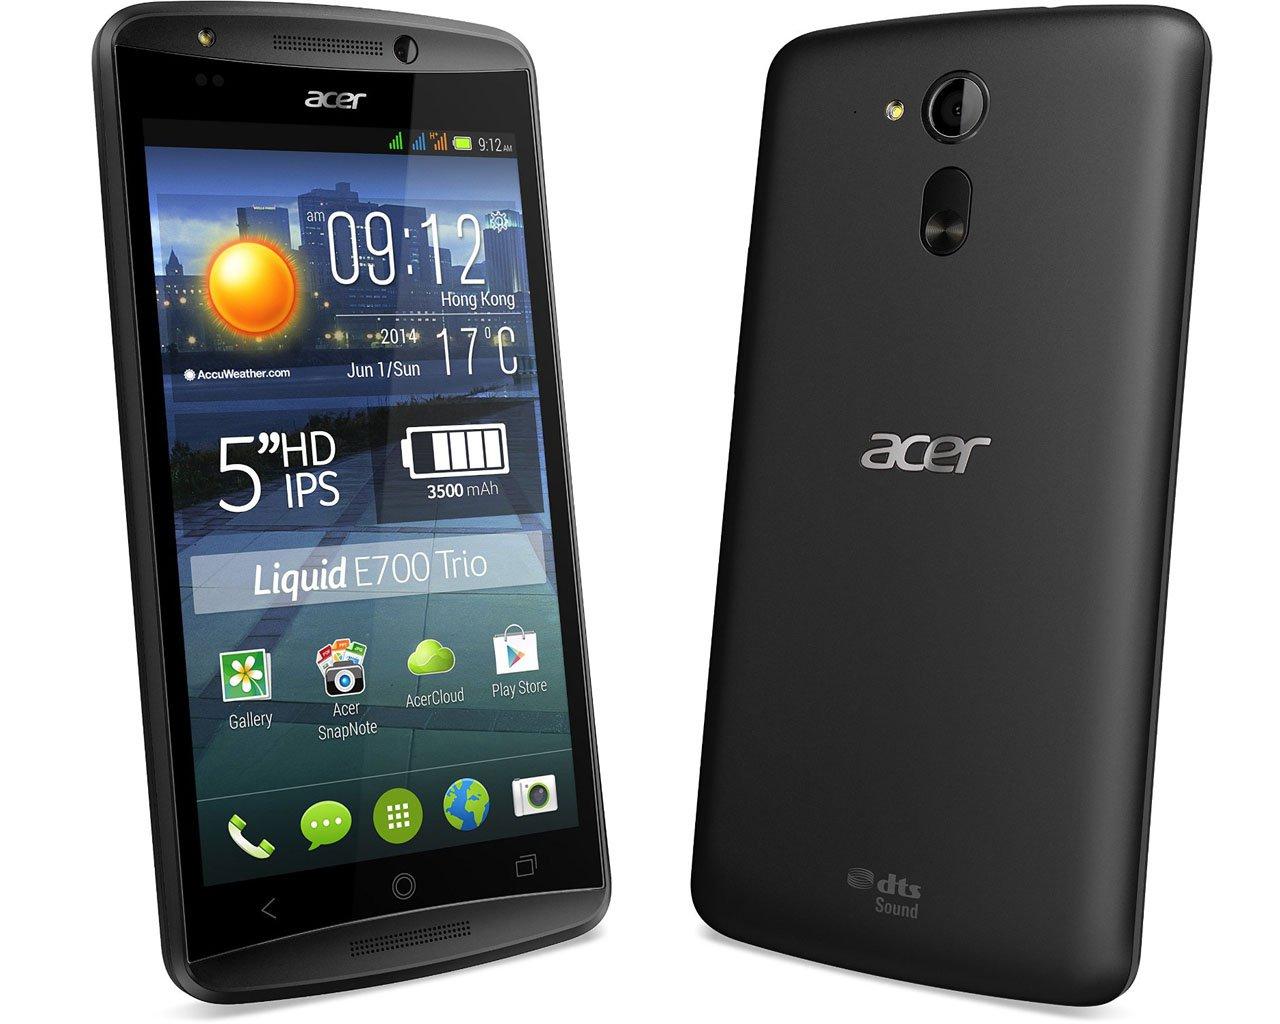 Acer E700 Liquid